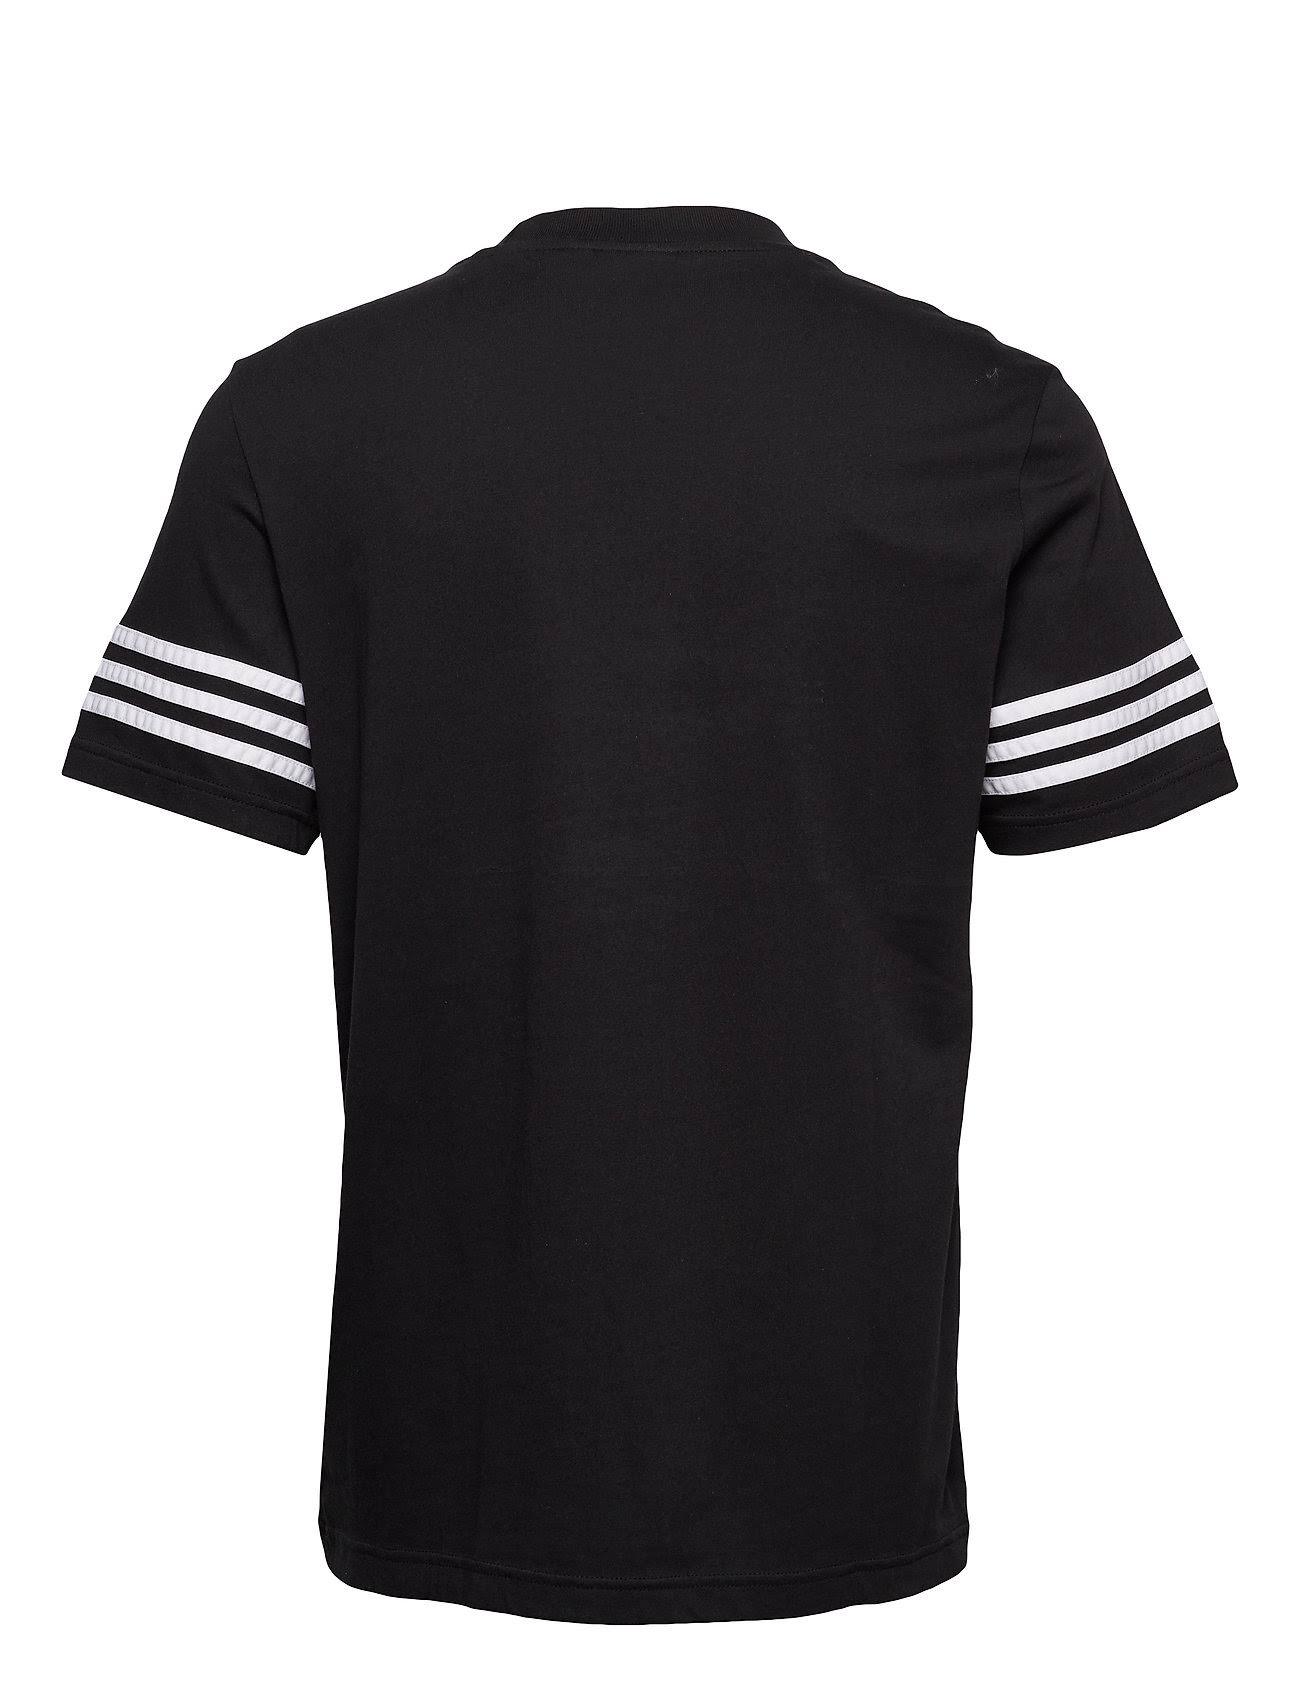 Adidas Originals Outline T-Shirt Black M